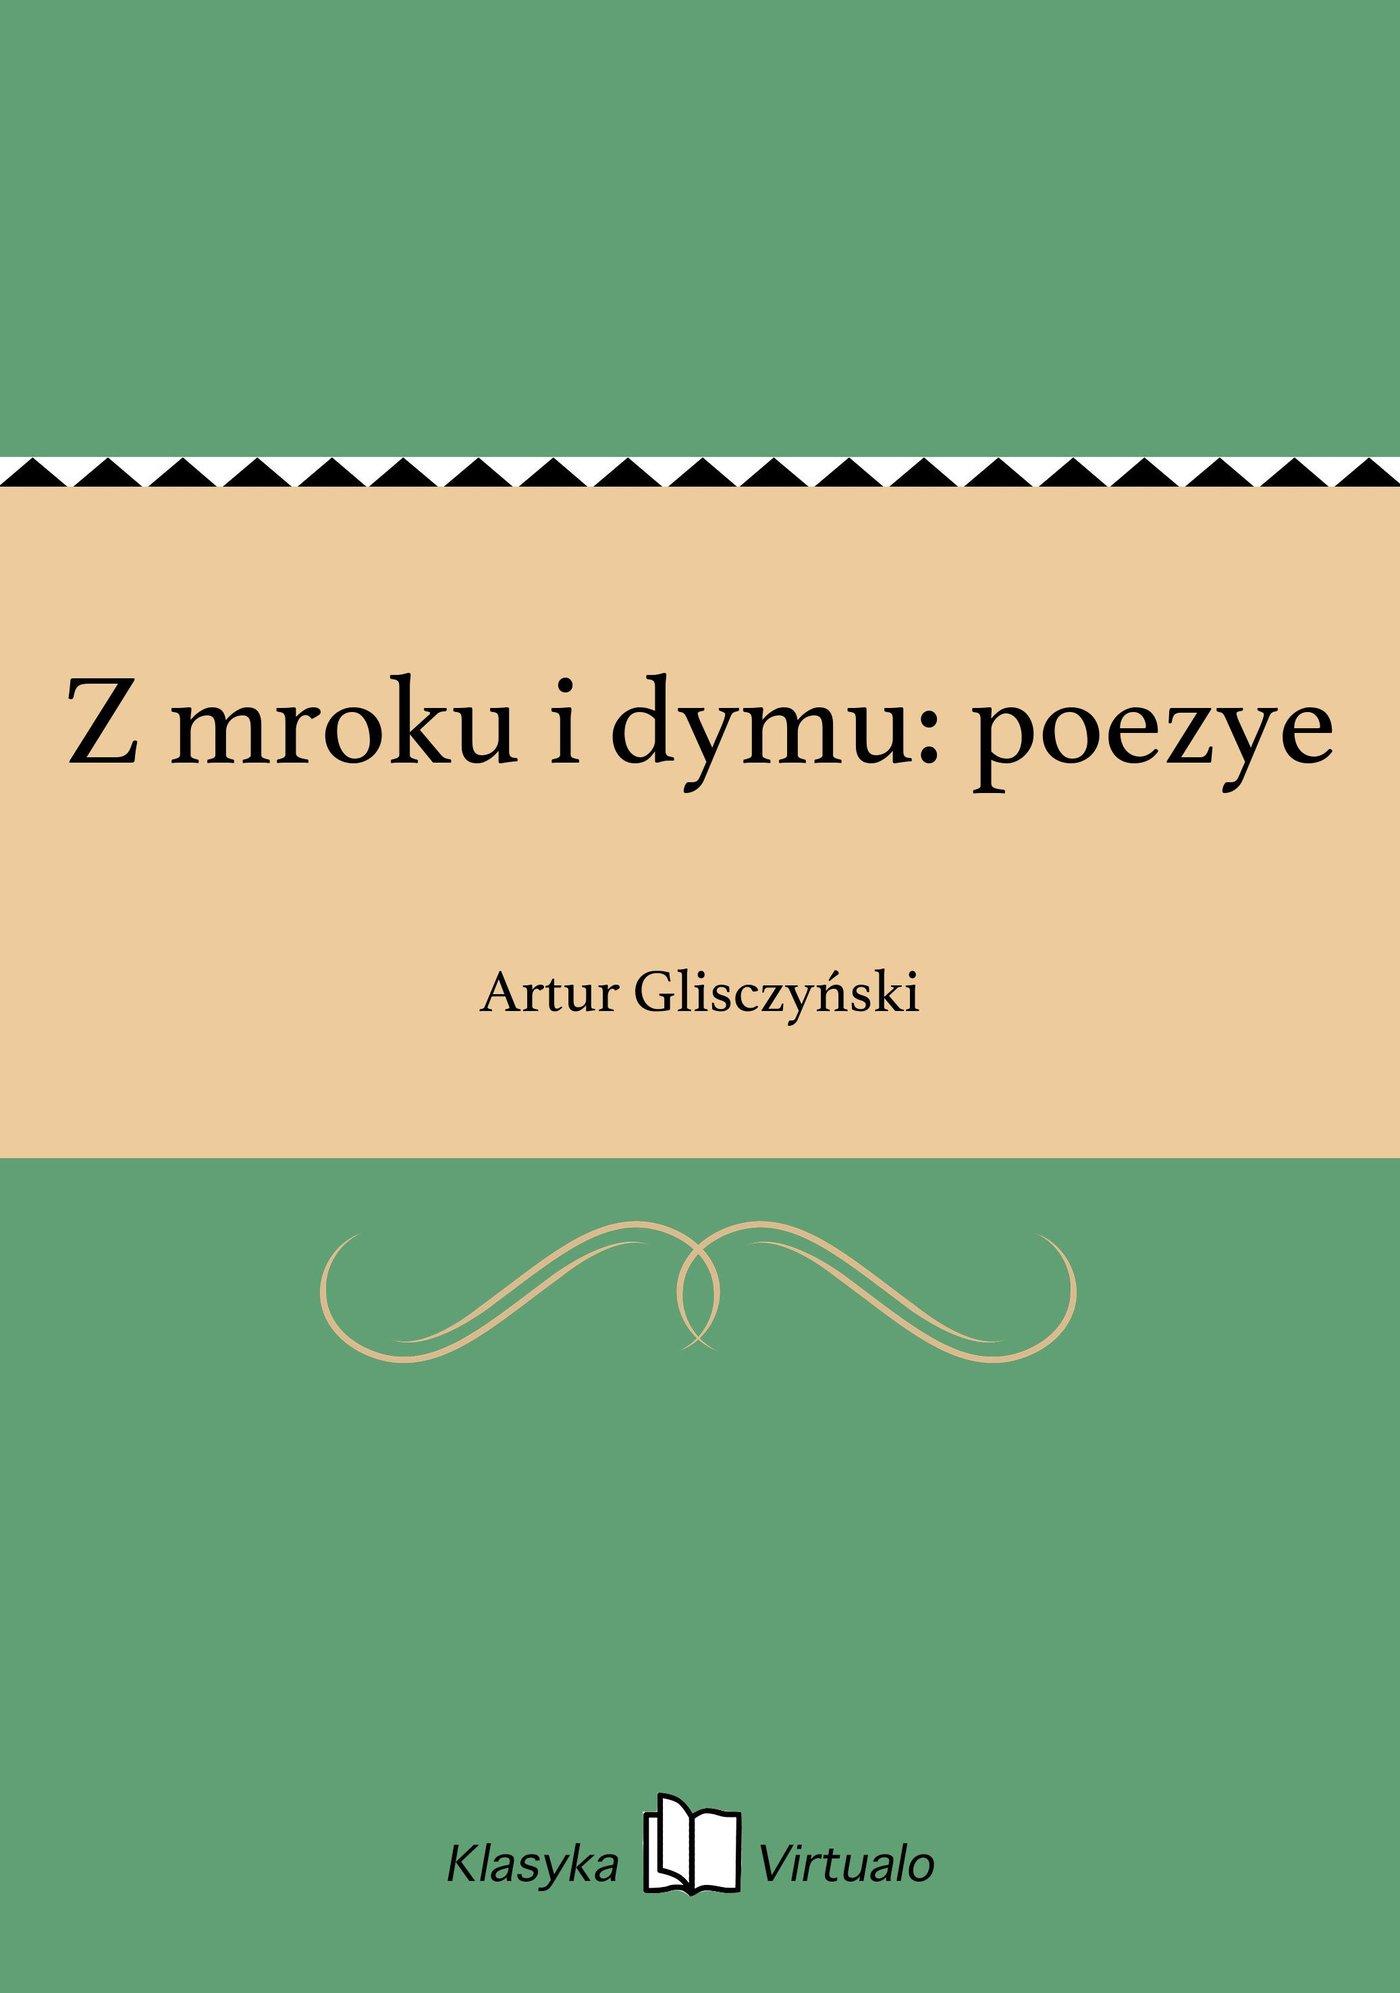 Z mroku i dymu: poezye - Ebook (Książka na Kindle) do pobrania w formacie MOBI